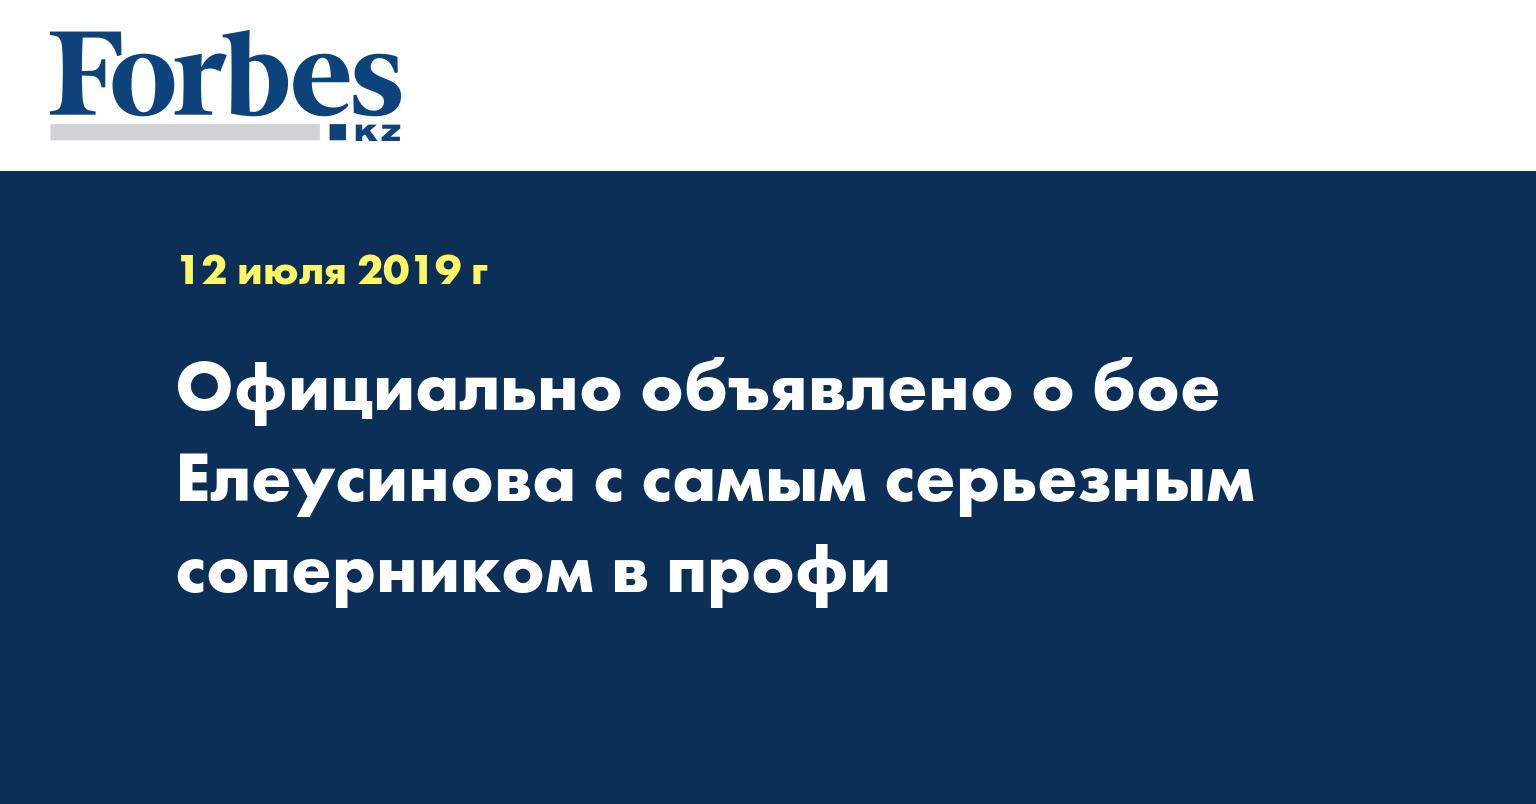 Официально объявлено о бое Елеусинова с самым серьезным соперником в профи